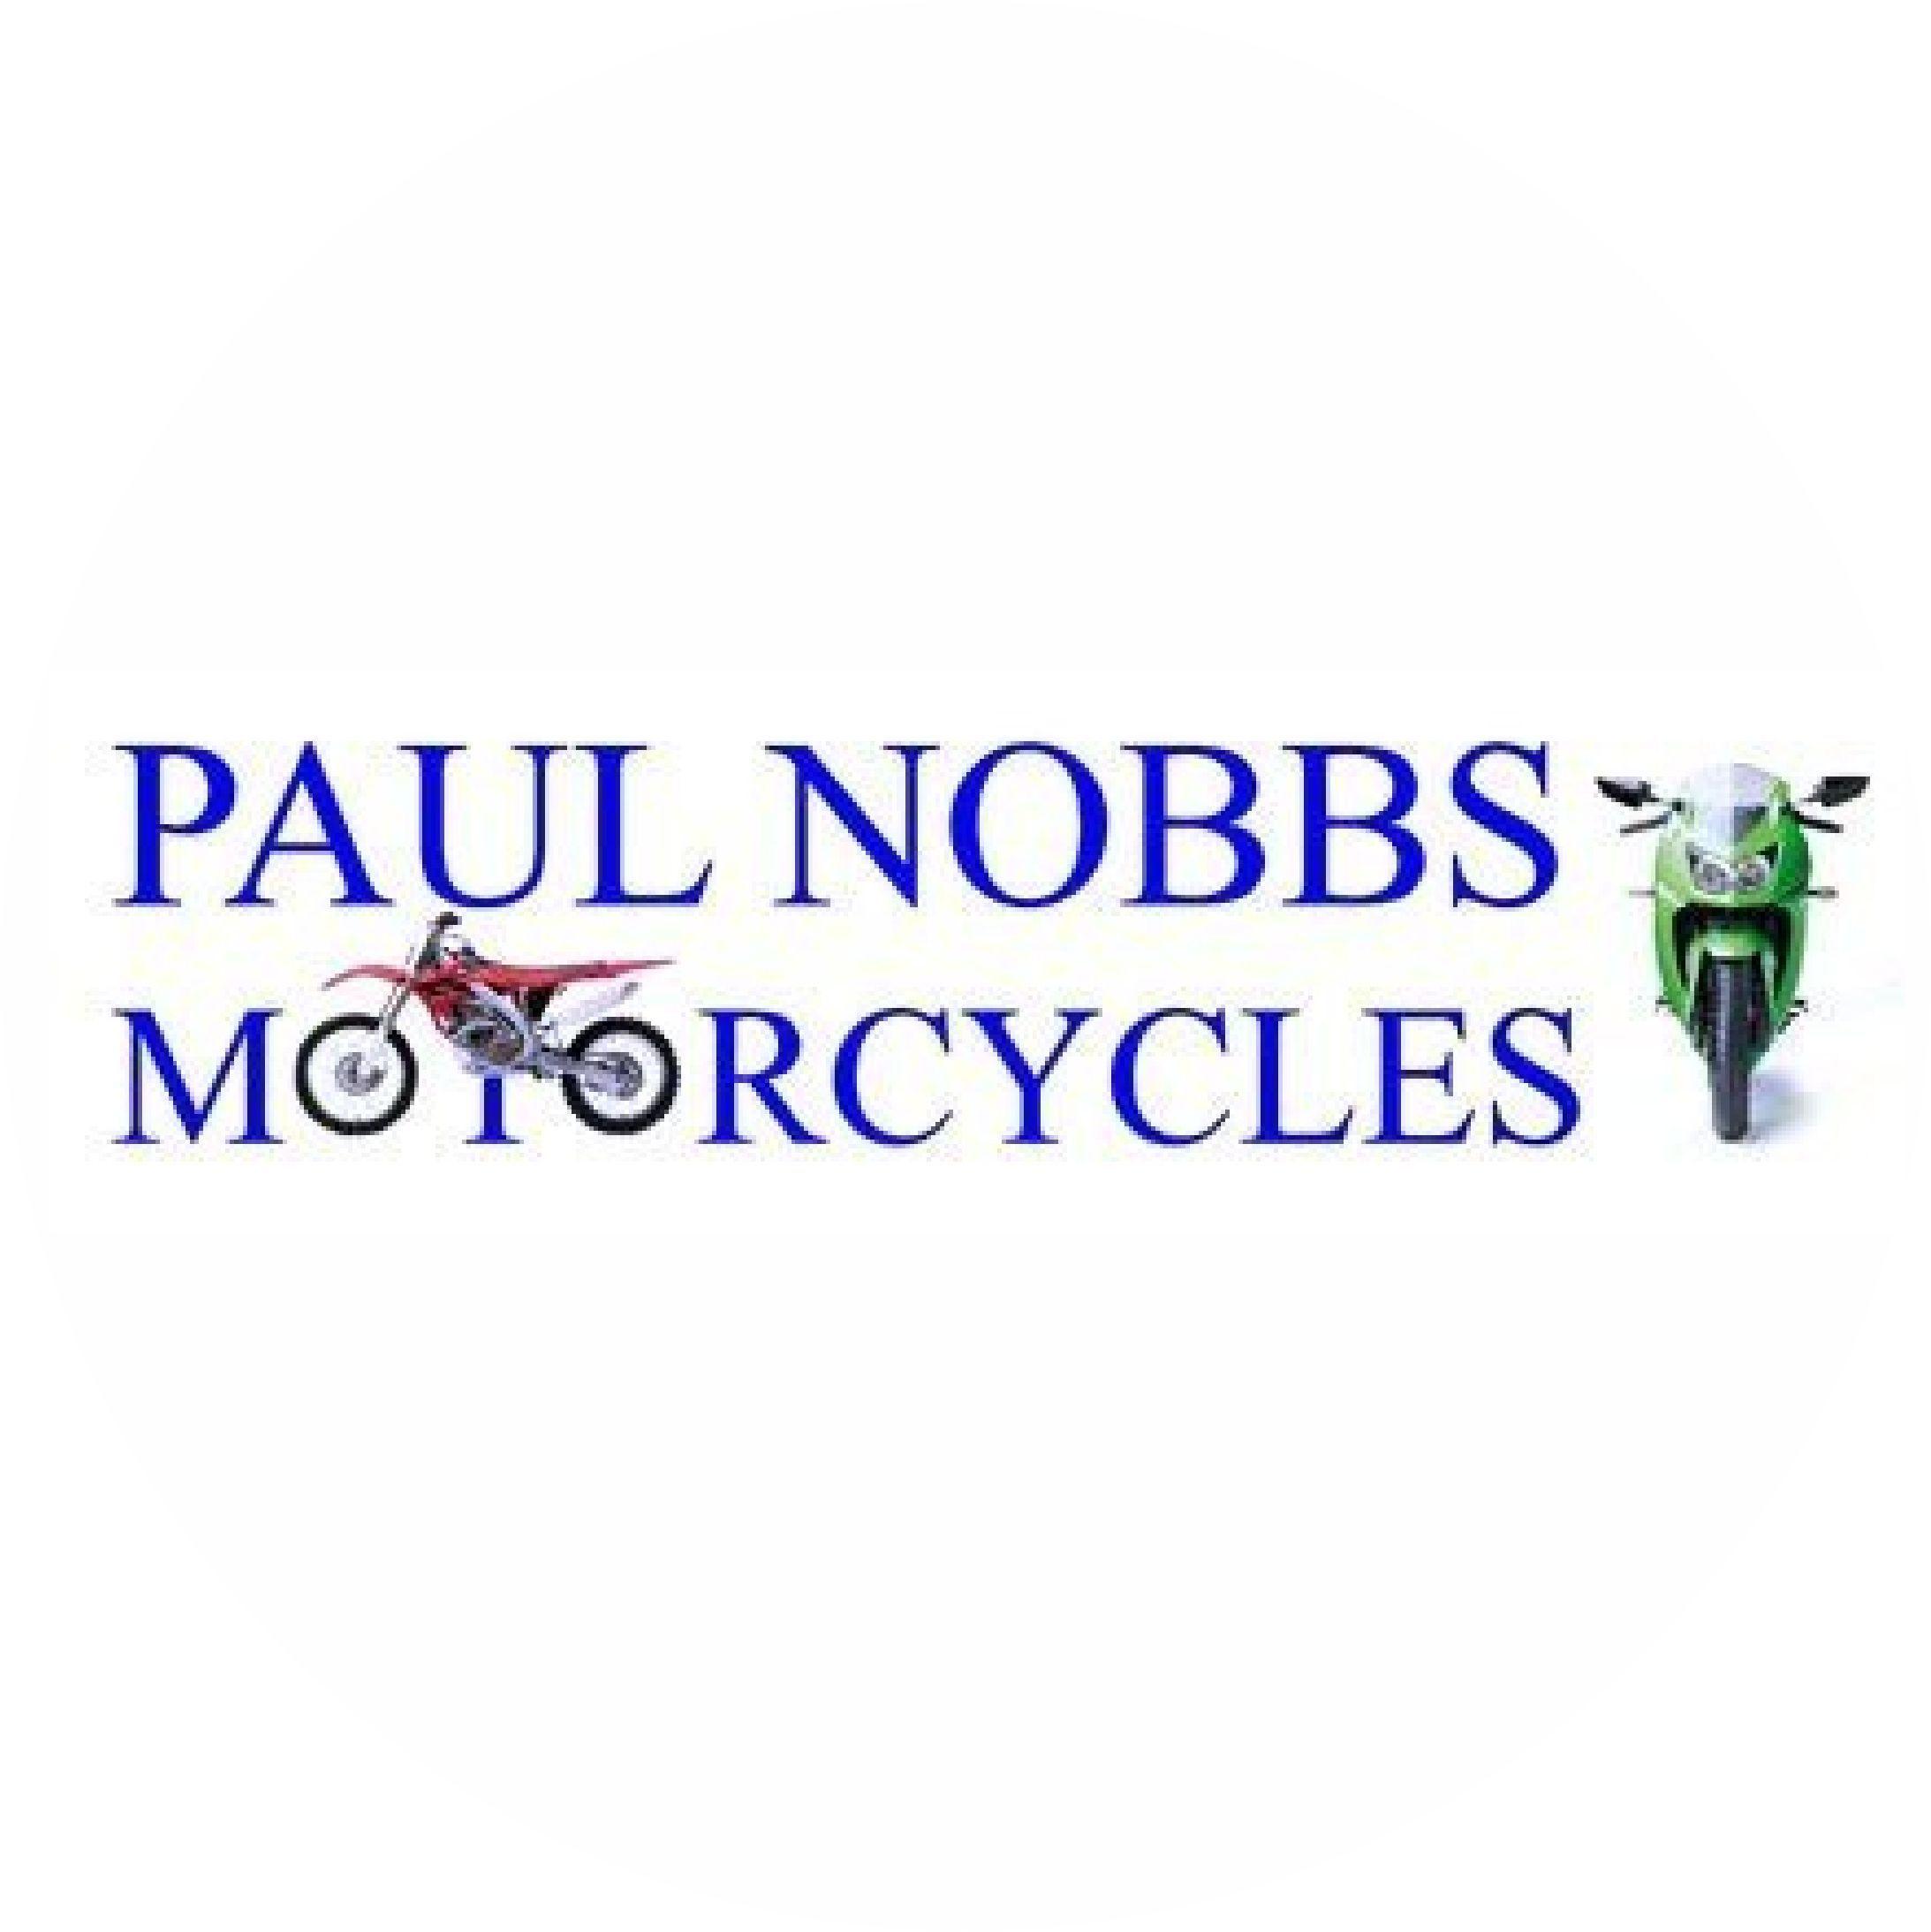 Paul Nobbs- Paul Nobbs Motorcycles